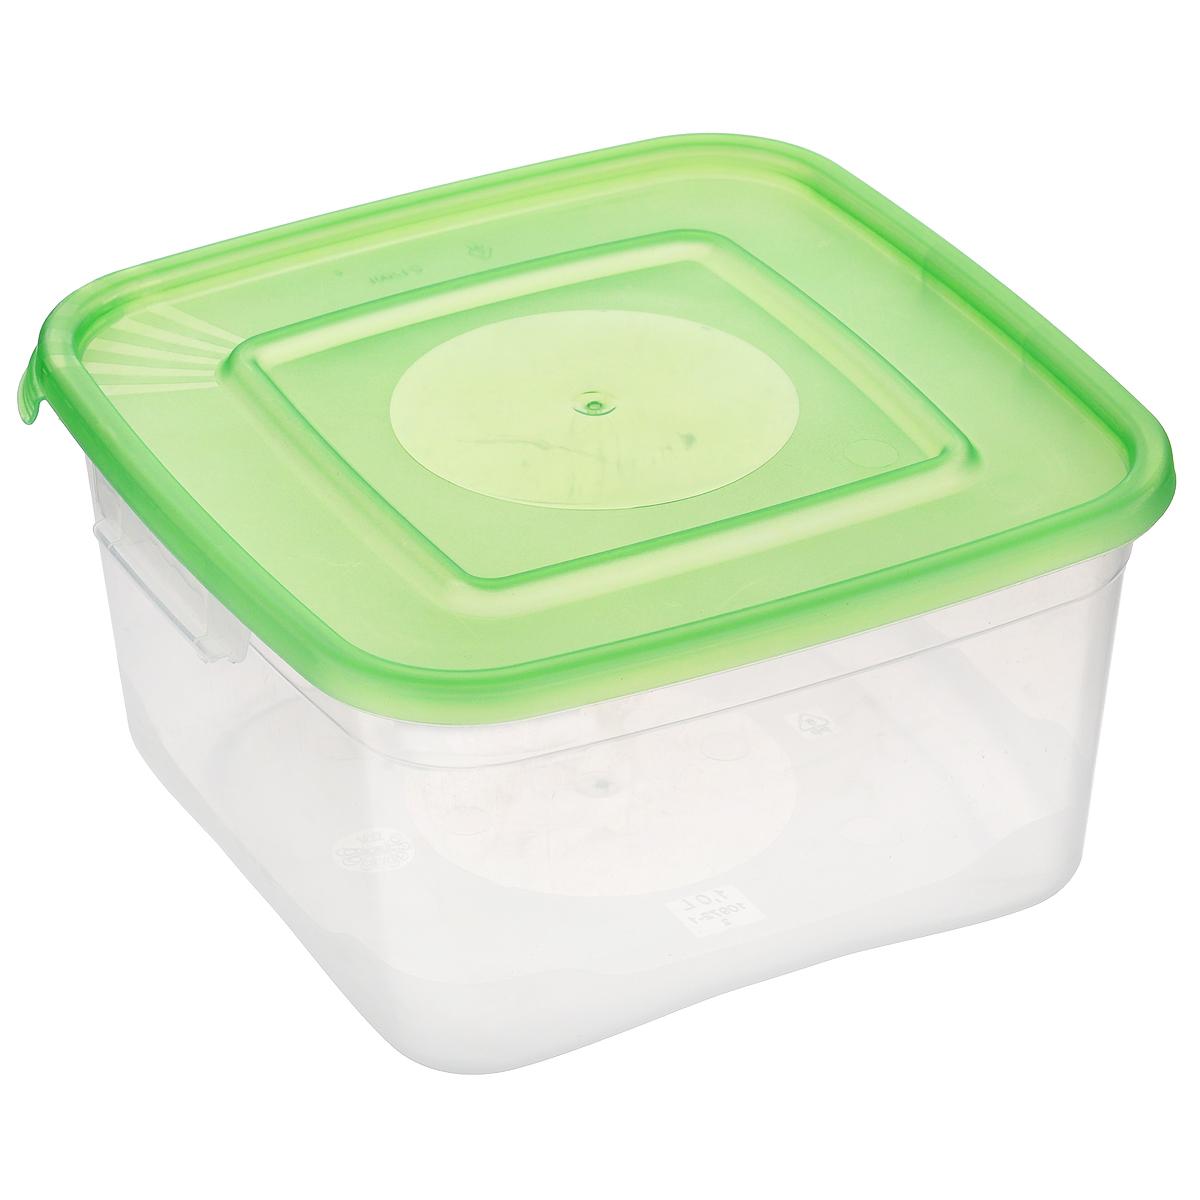 Контейнер Полимербыт Каскад, цвет: прозрачный, салатовый, 1 лVT-1520(SR)Контейнер Полимербыт Каскад квадратной формы, изготовленный из прочного пластика, предназначен специально для хранения пищевых продуктов. Крышка легко открывается и плотно закрывается.Контейнер устойчив к воздействию масел и жиров, легко моется. Прозрачные стенки позволяют видеть содержимое. Контейнер имеет возможность хранения продуктов глубокой заморозки, обладает высокой прочностью. Можно мыть в посудомоечной машине. Подходит для использования в микроволновых печах.